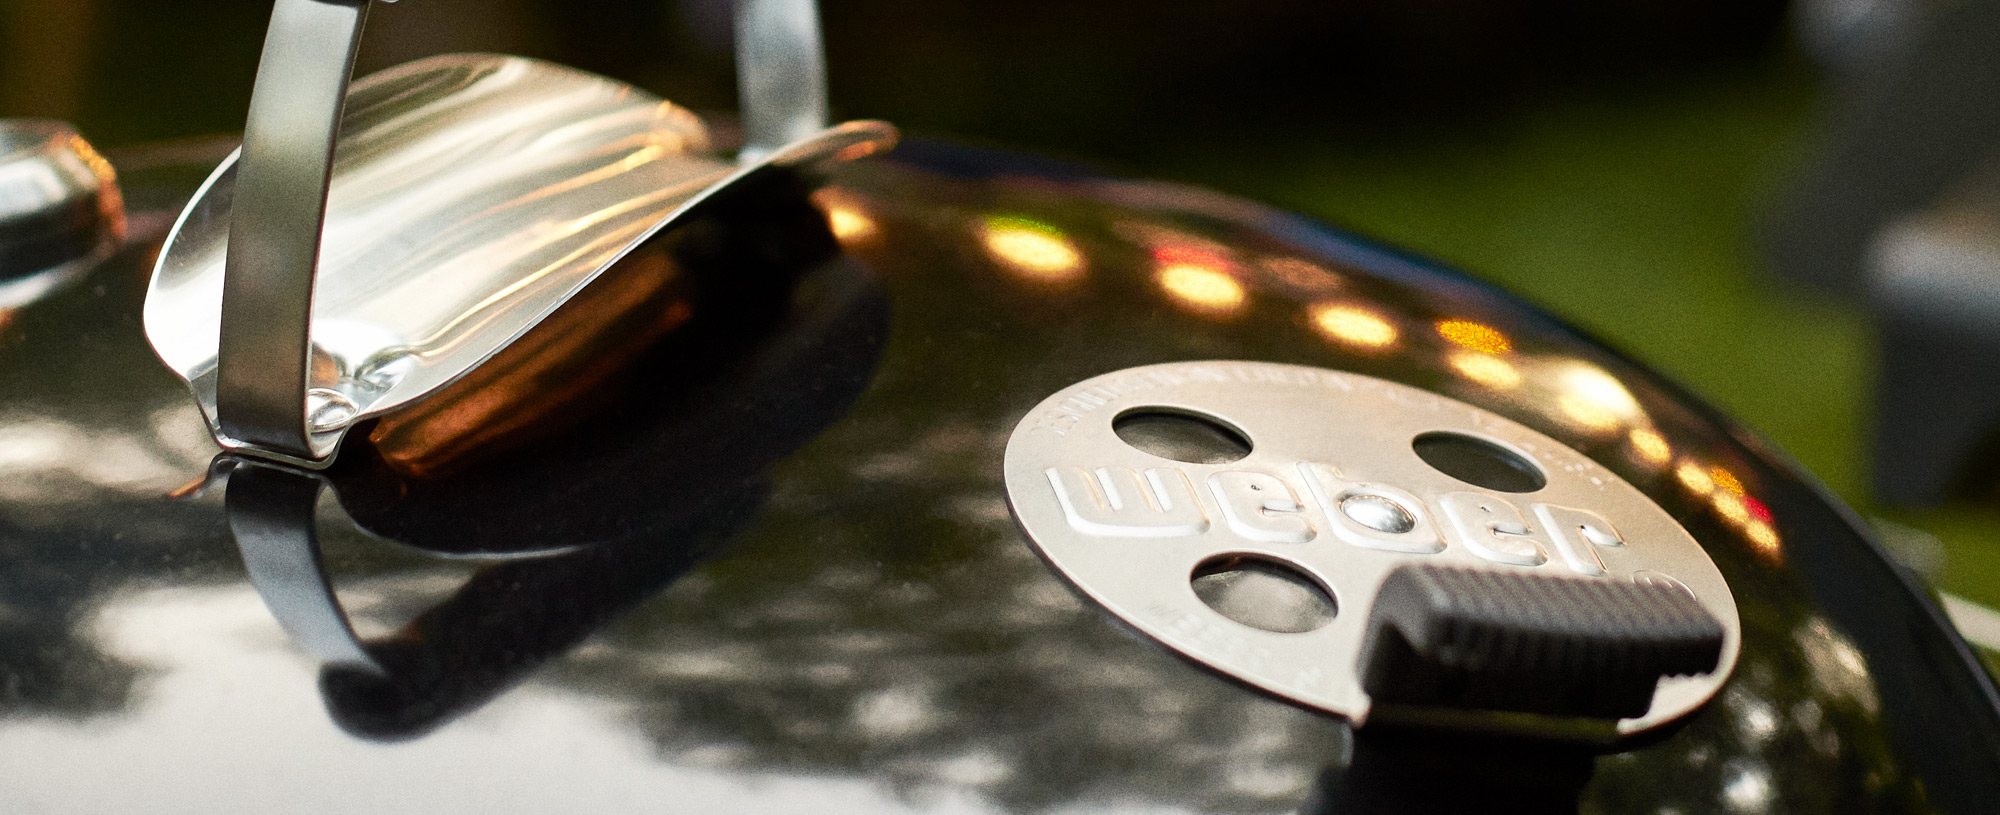 weber grill ersatzteil weber grill ersatzteile ersatzgrillrost ersatzteile kugelgrill. Black Bedroom Furniture Sets. Home Design Ideas